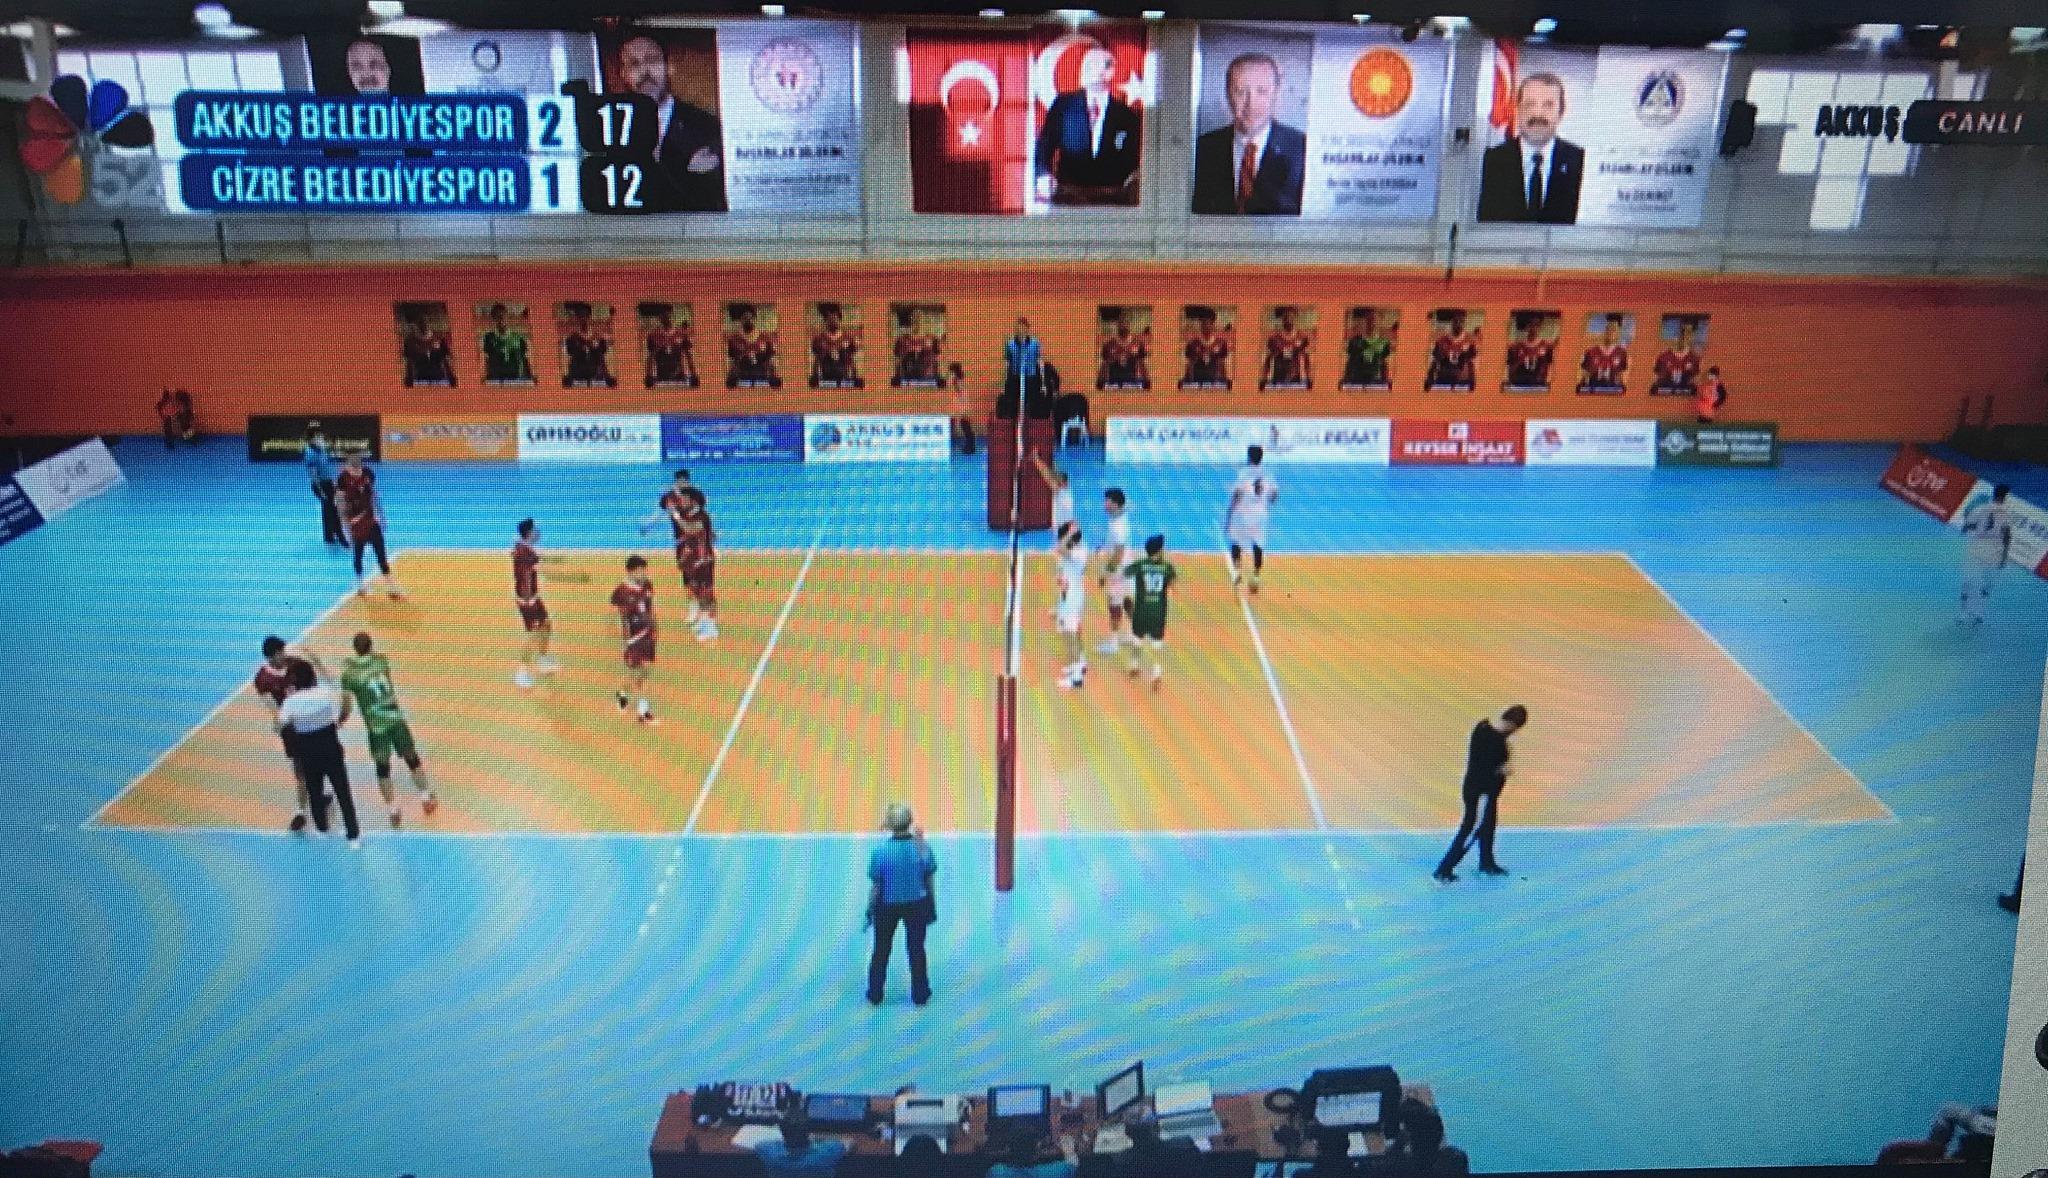 Akkuş BelediyesporYine Harika Cizre Belediyespor'u 3-1 Yendi